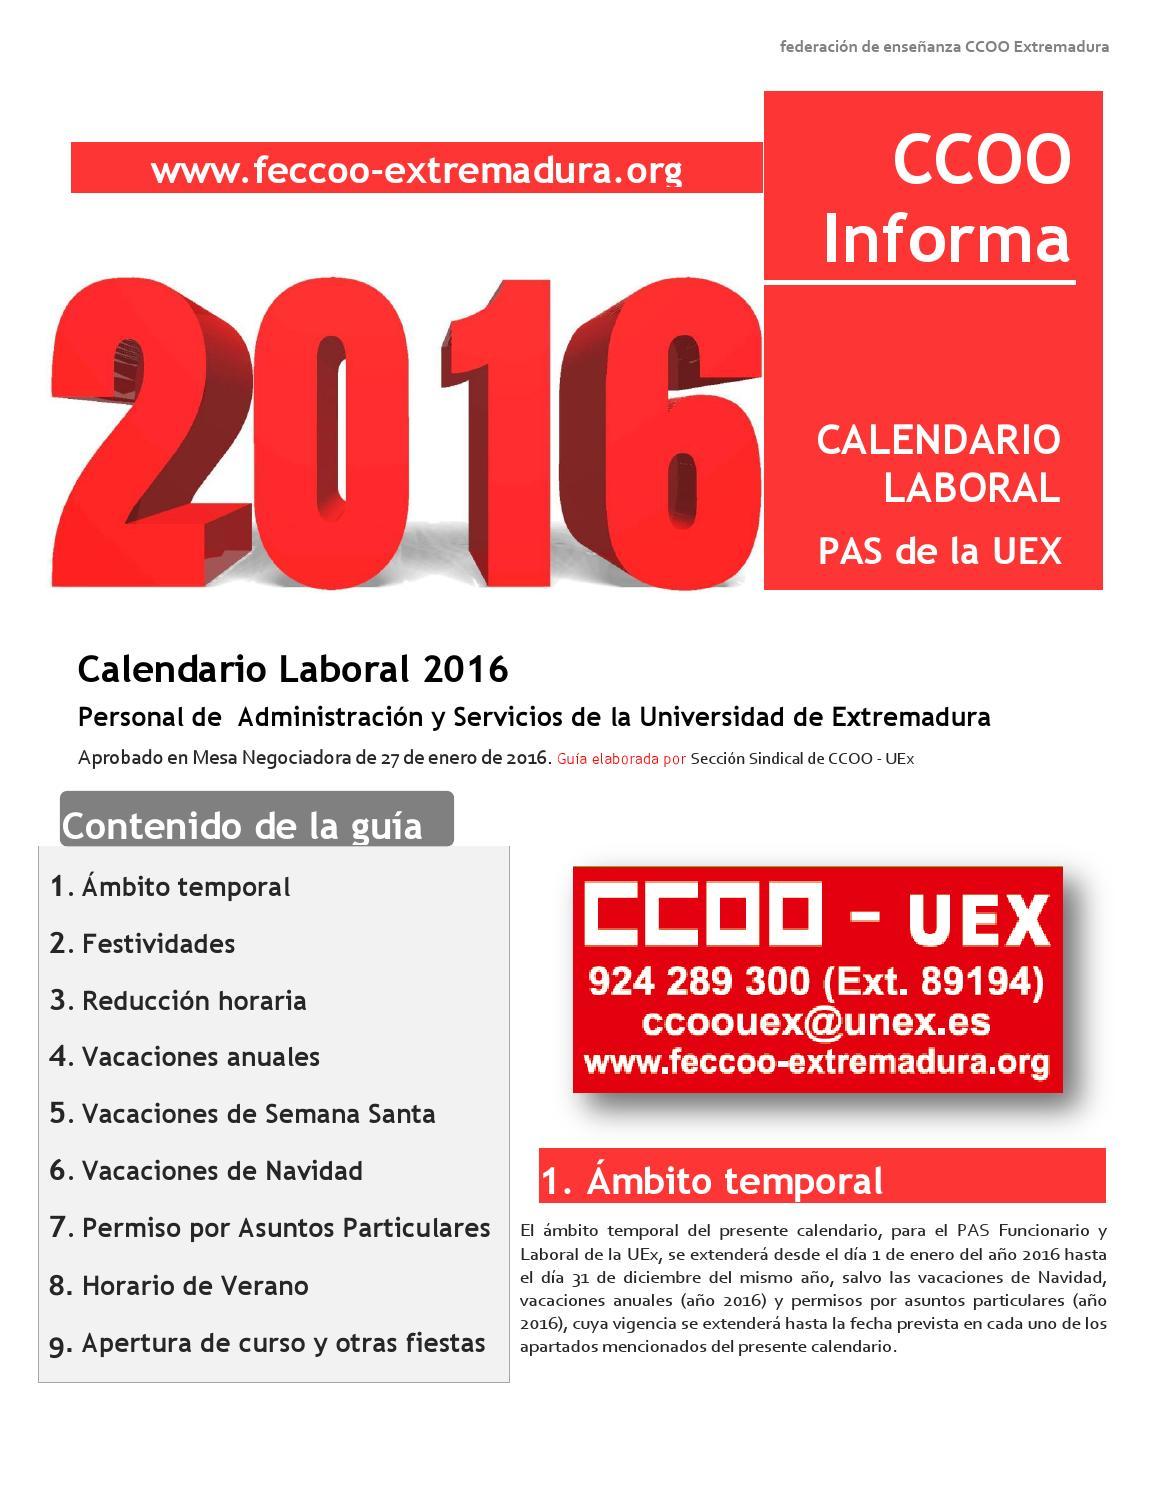 Calendario Uex.Calendario Laboral Del Pas De La Uex 2016 Elaborado Por Ccoo By